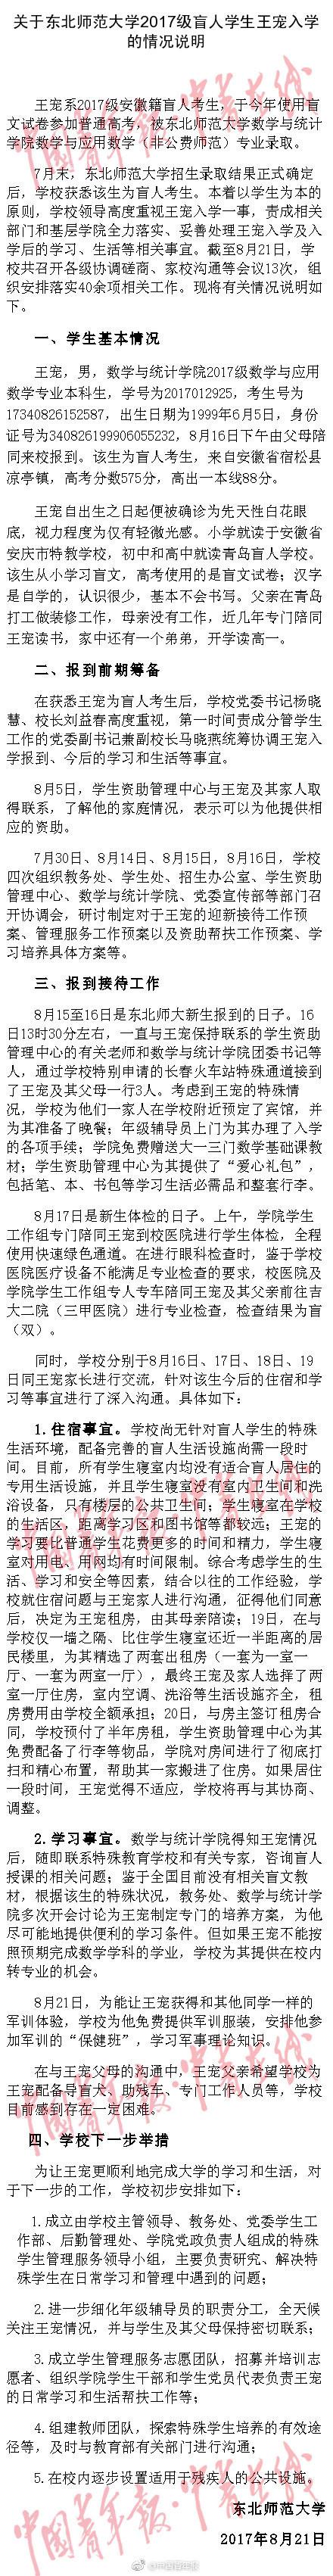 """东北师大回应""""盲人新生住校被拒"""":学校为其租房"""